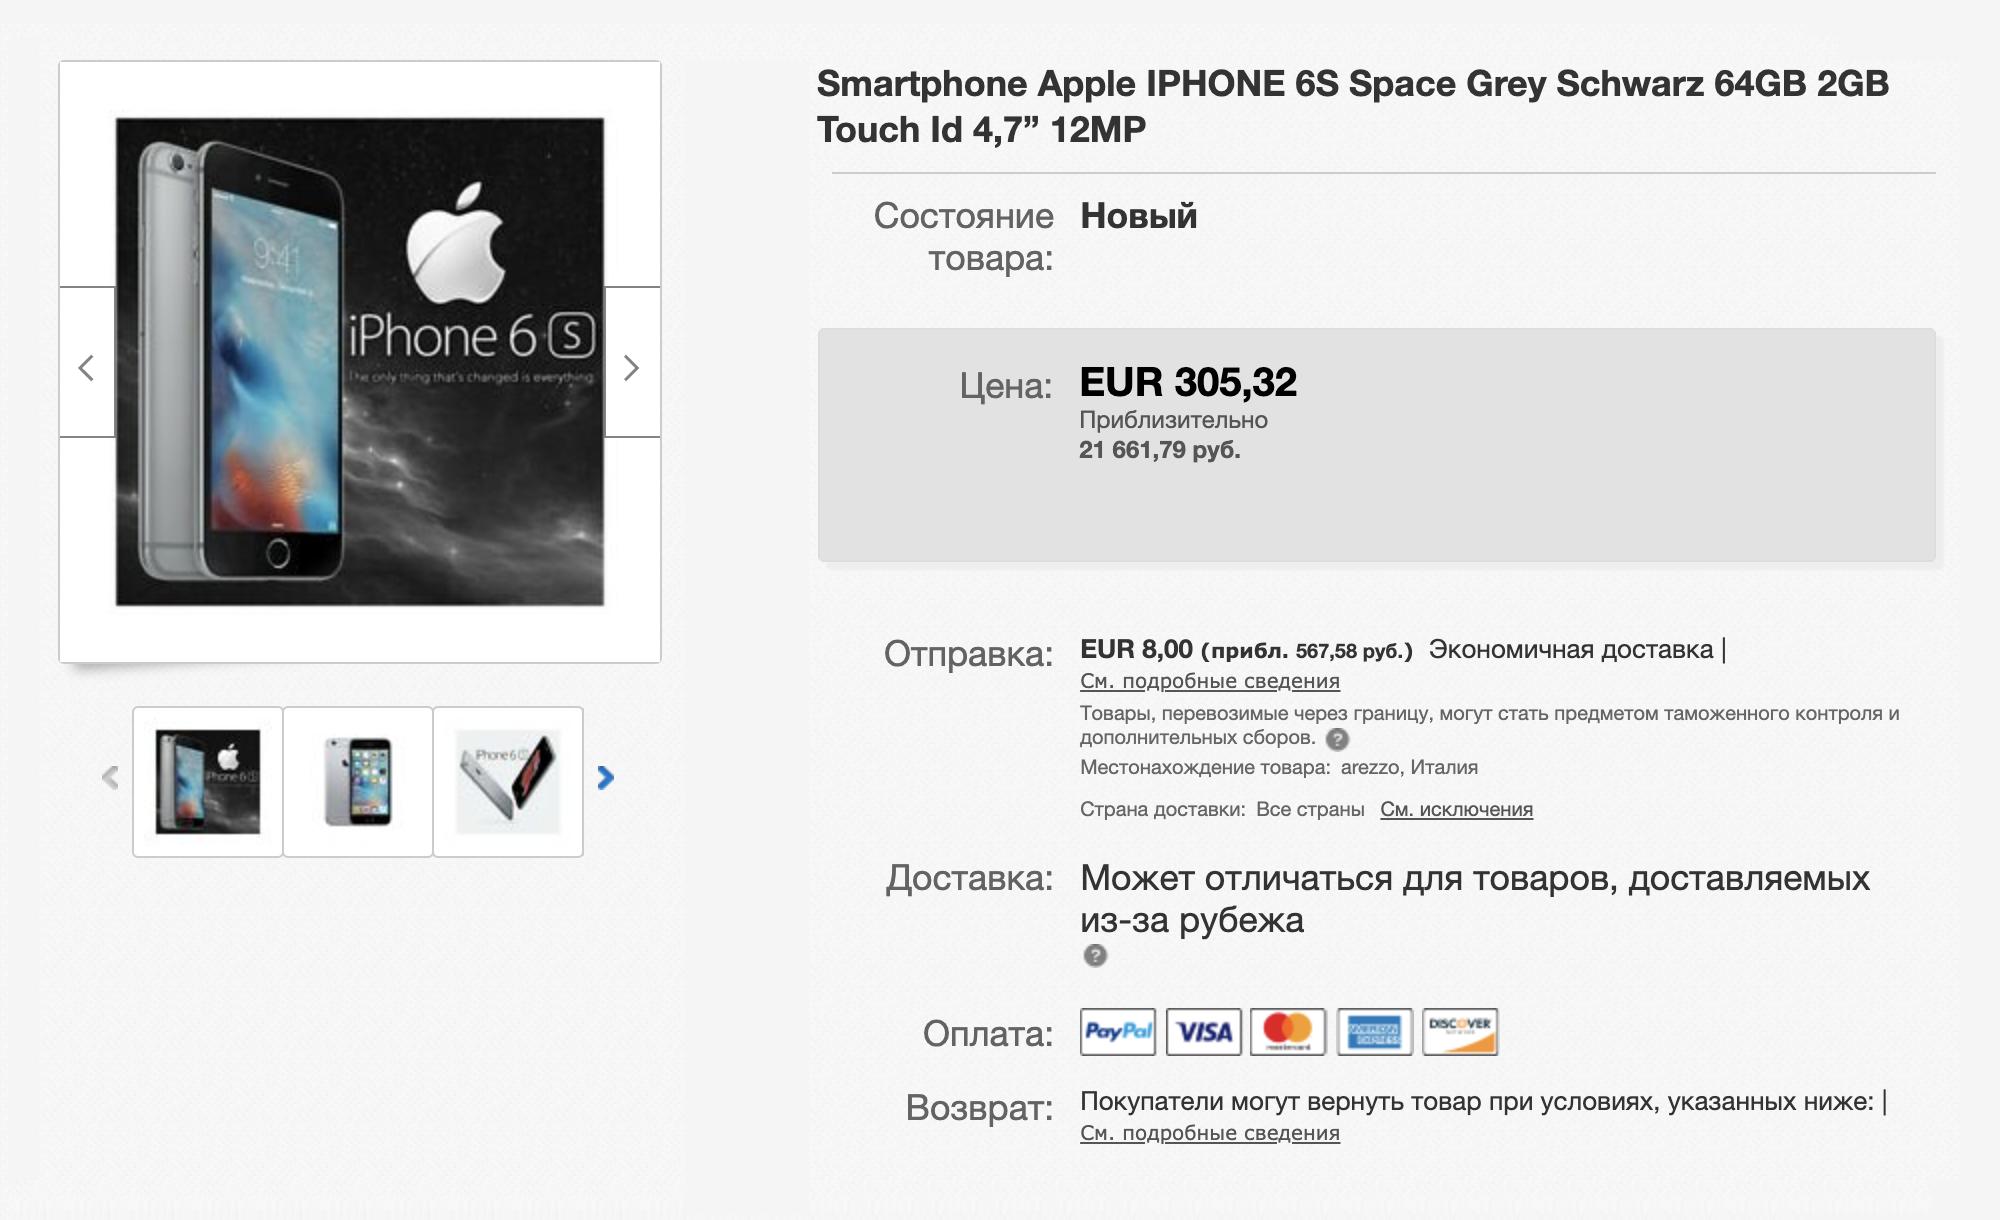 На «Ибэе» продают телефоны «Евротест» — они тоже сертифицированы, но дляевропейских стран. Нет гарантий, что все функции будут работать в России, зато телефон обойдется дешевле